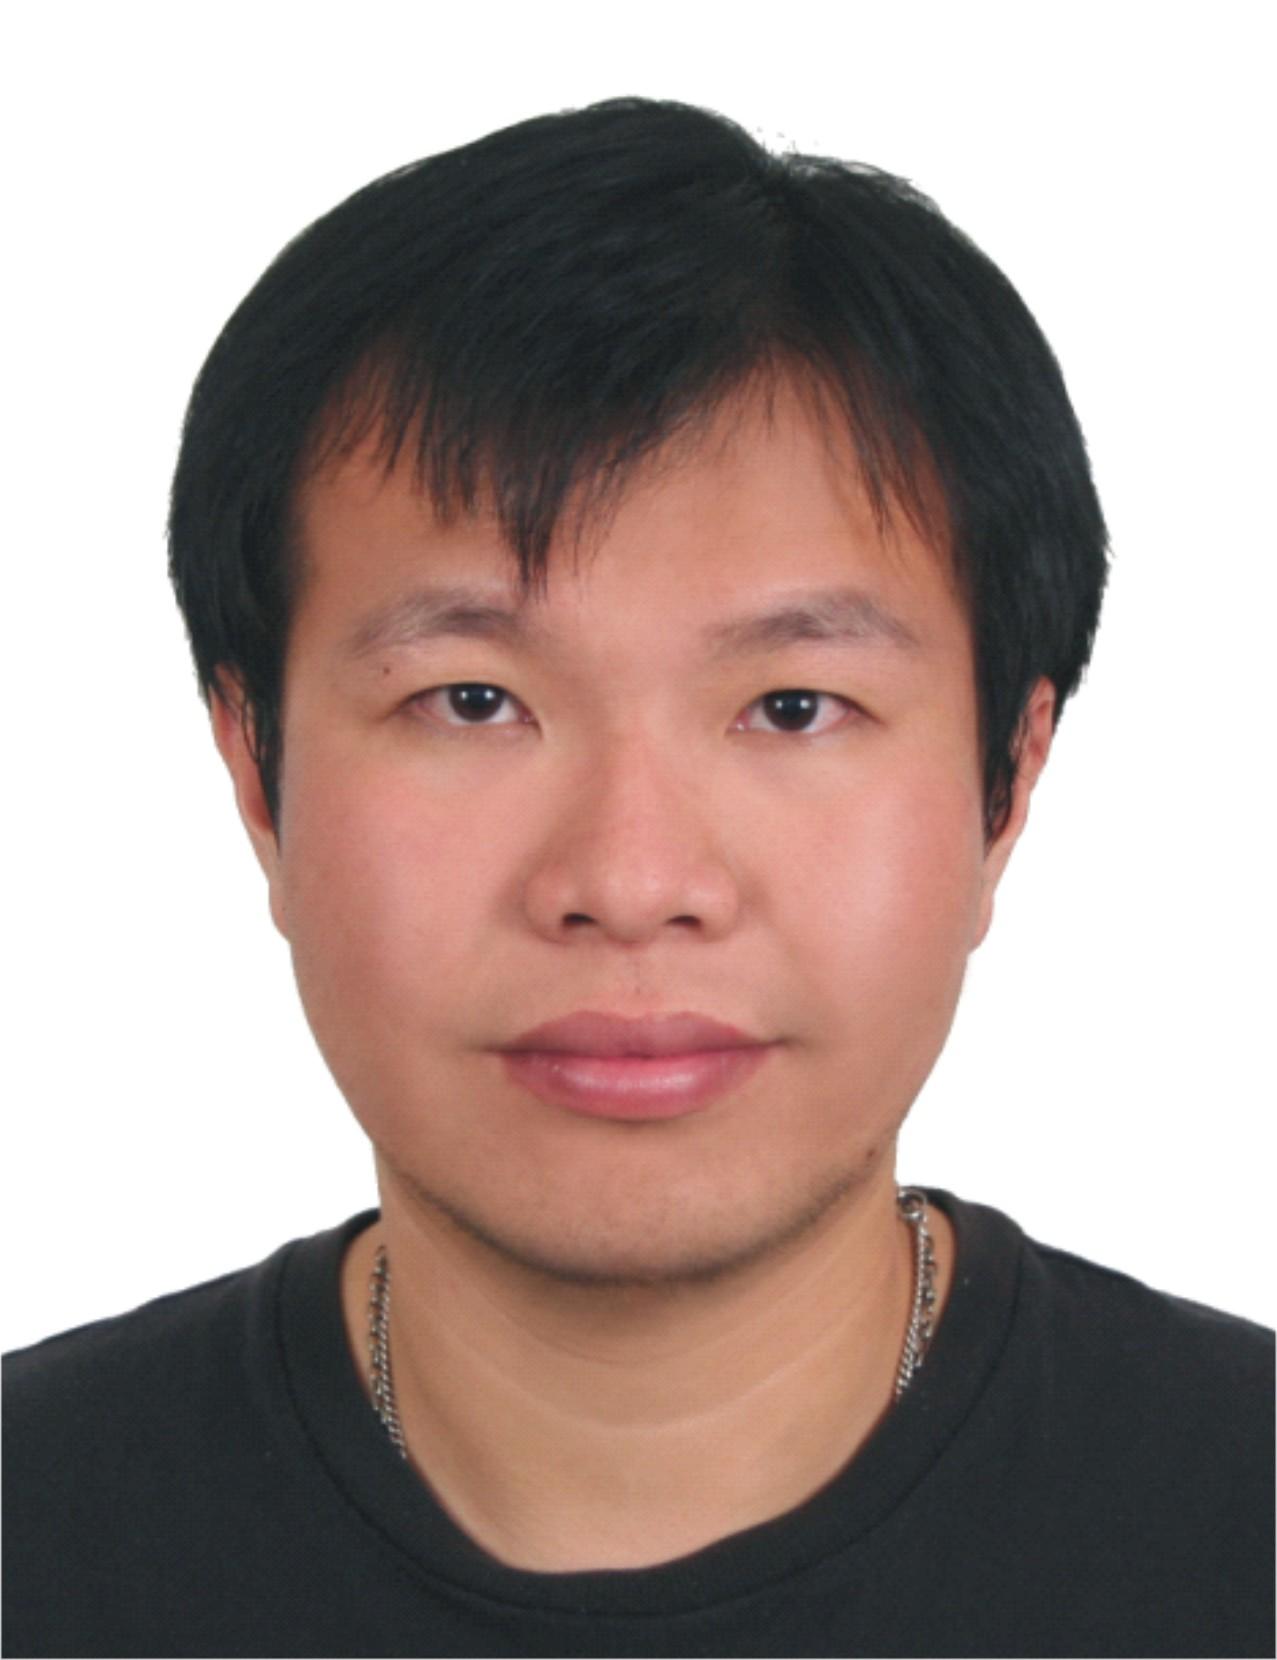 王永昌 WANG Yung-Chang(圖片)